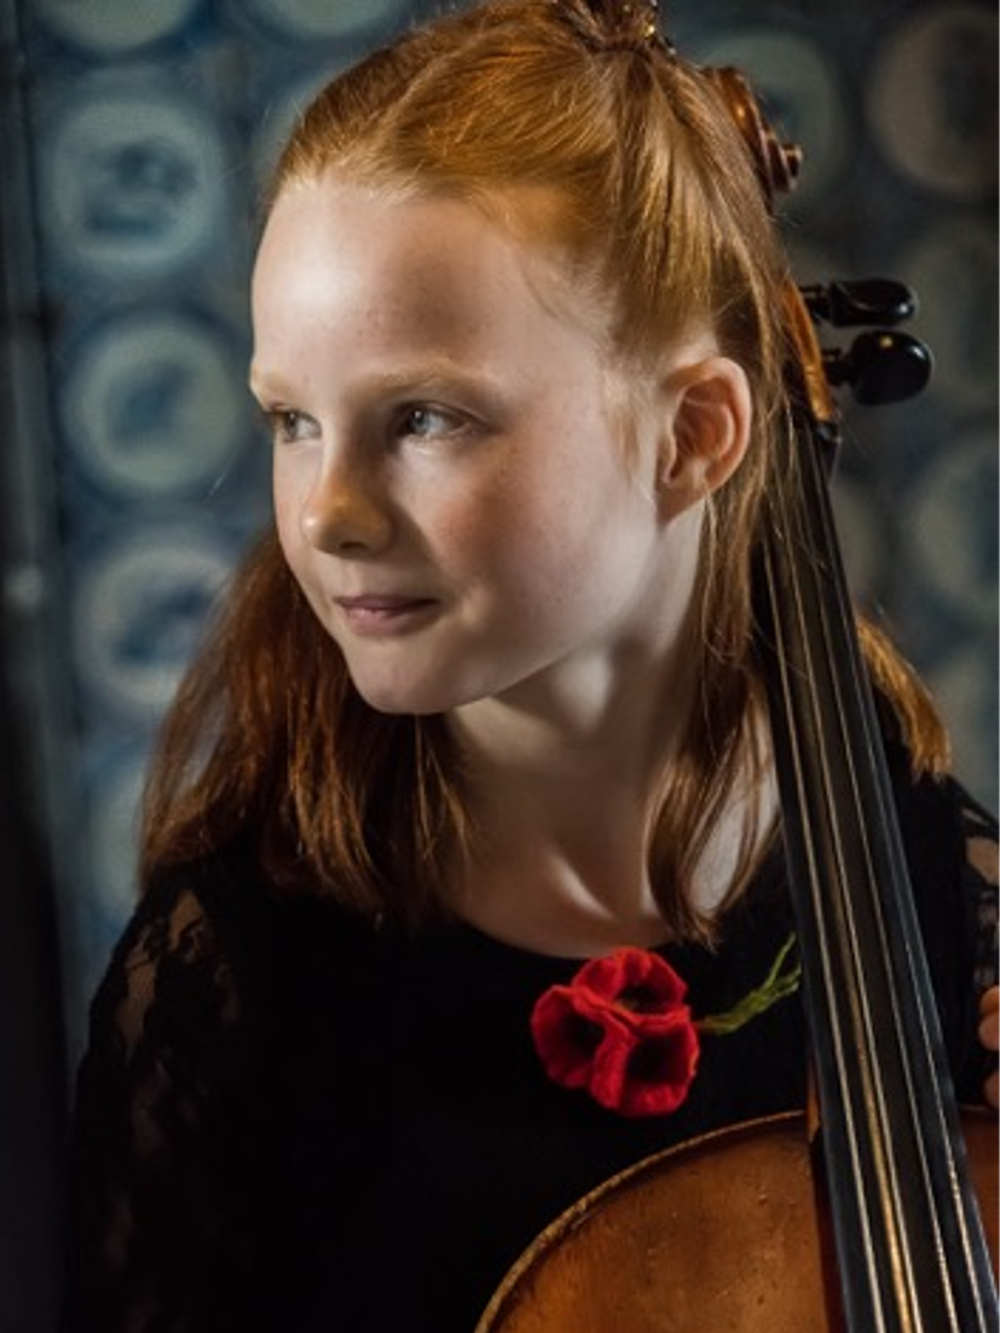 Broche handgevilt rood bloemboeketje Charlotte Molenaar Art.toWear